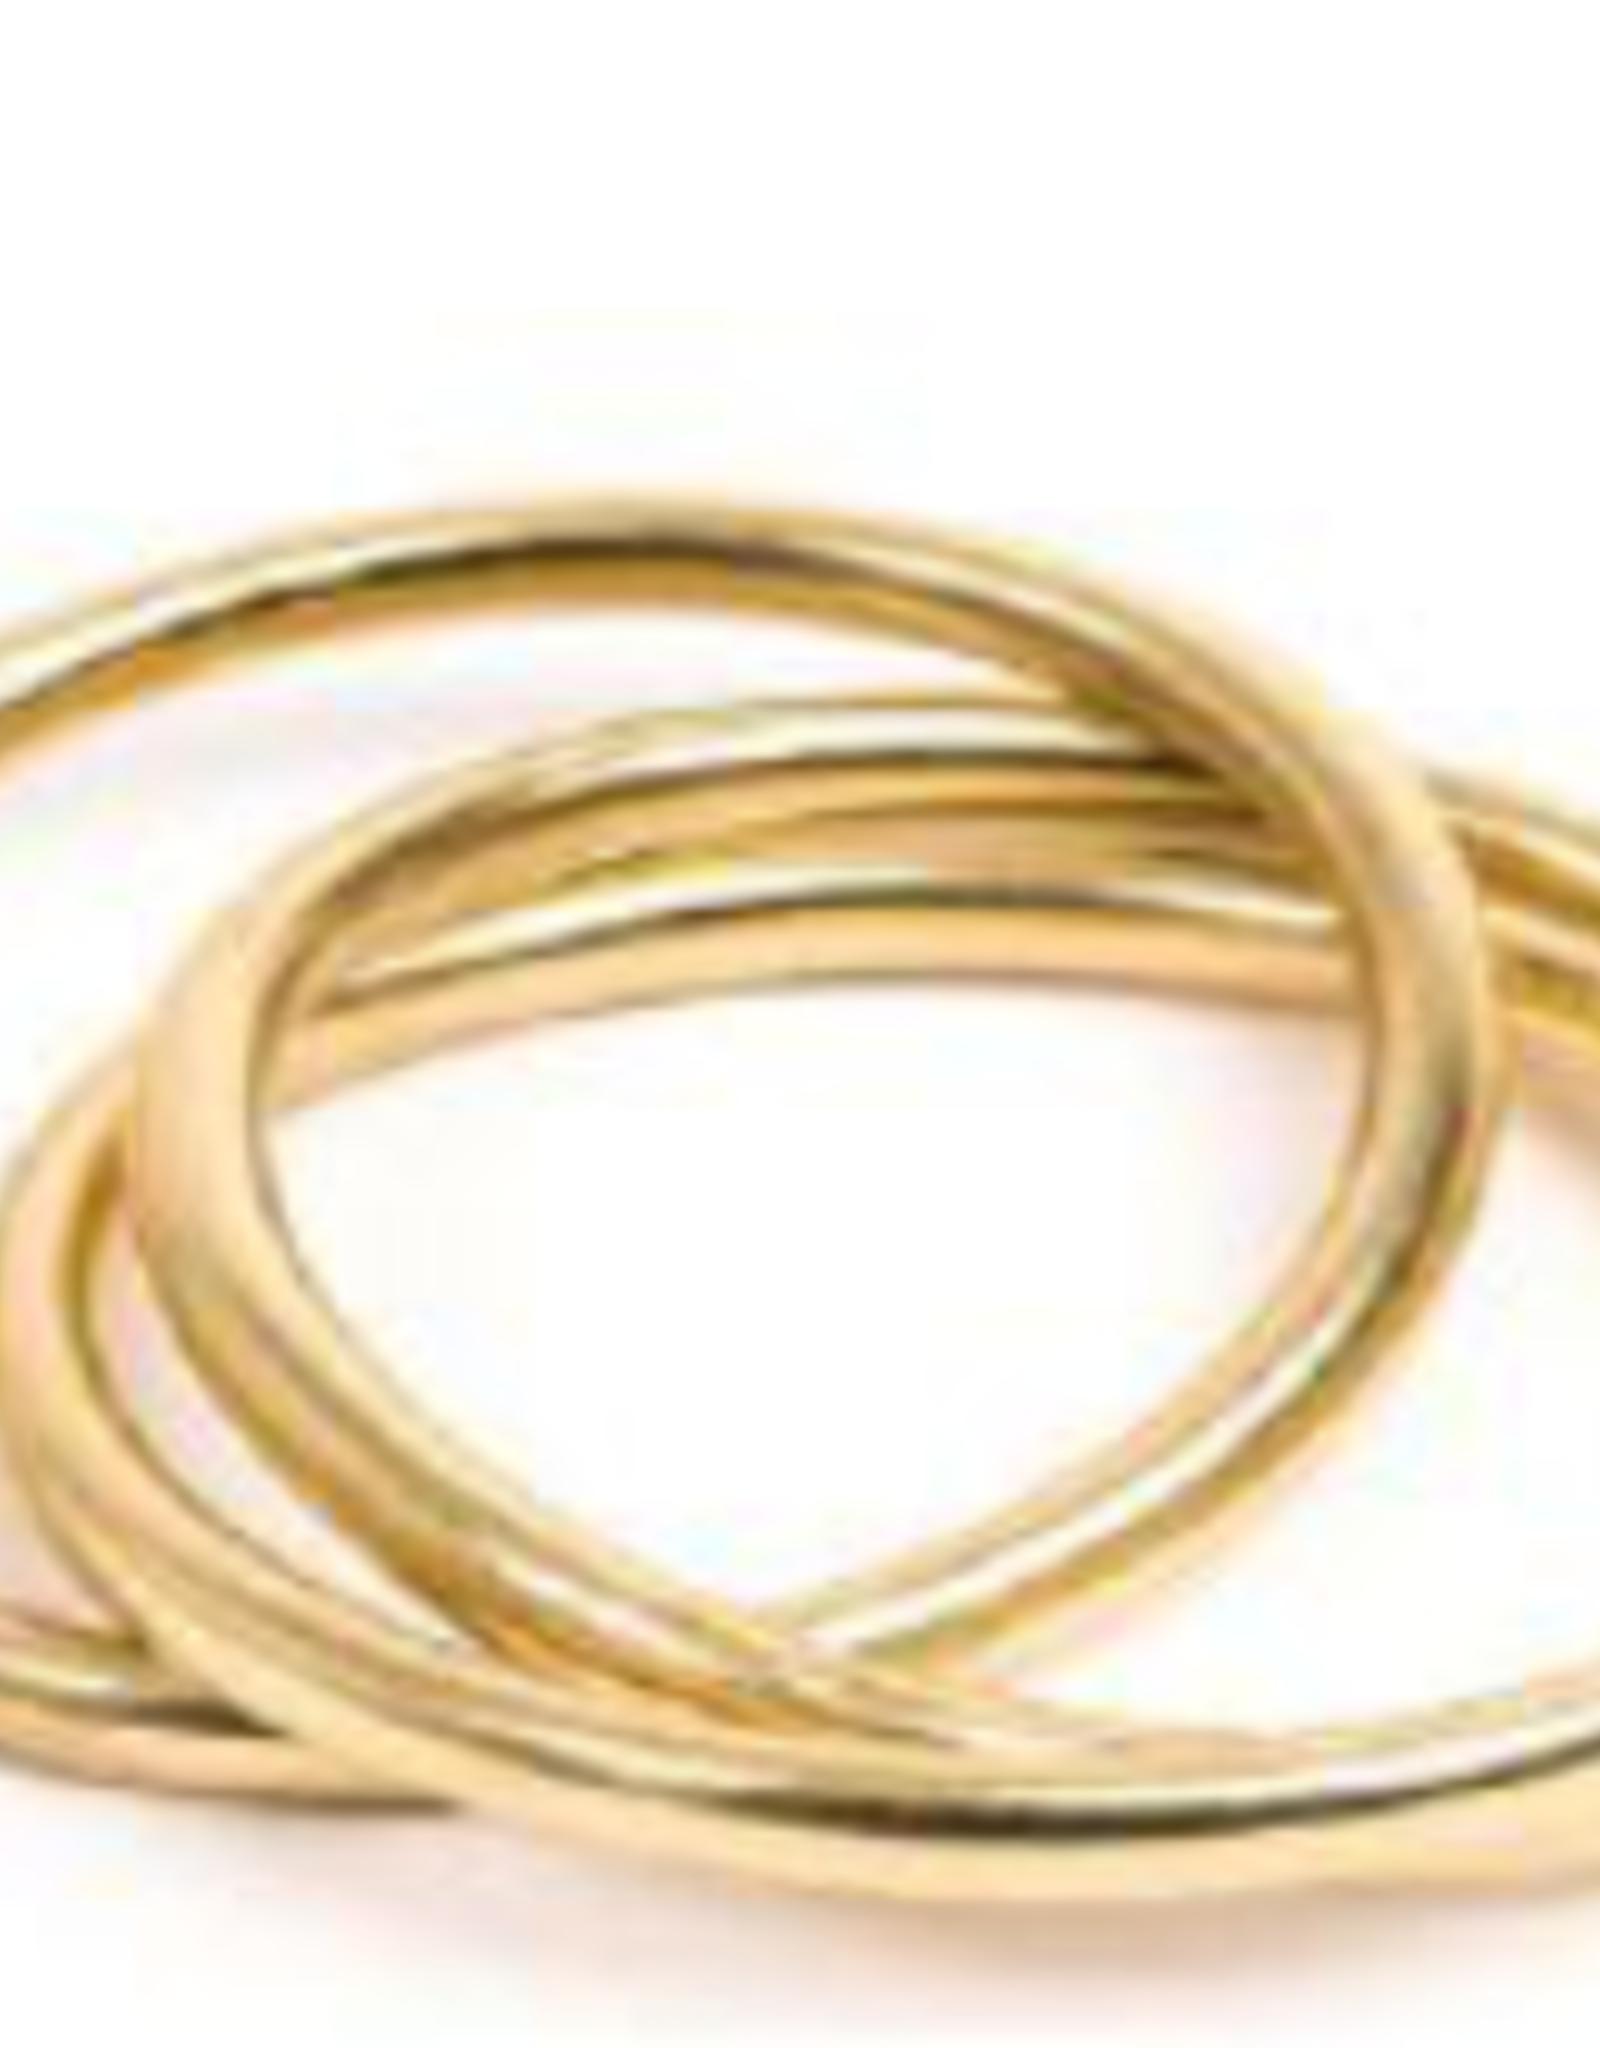 VESTOPAZZO Brass 3 Set Bangle Bracelet